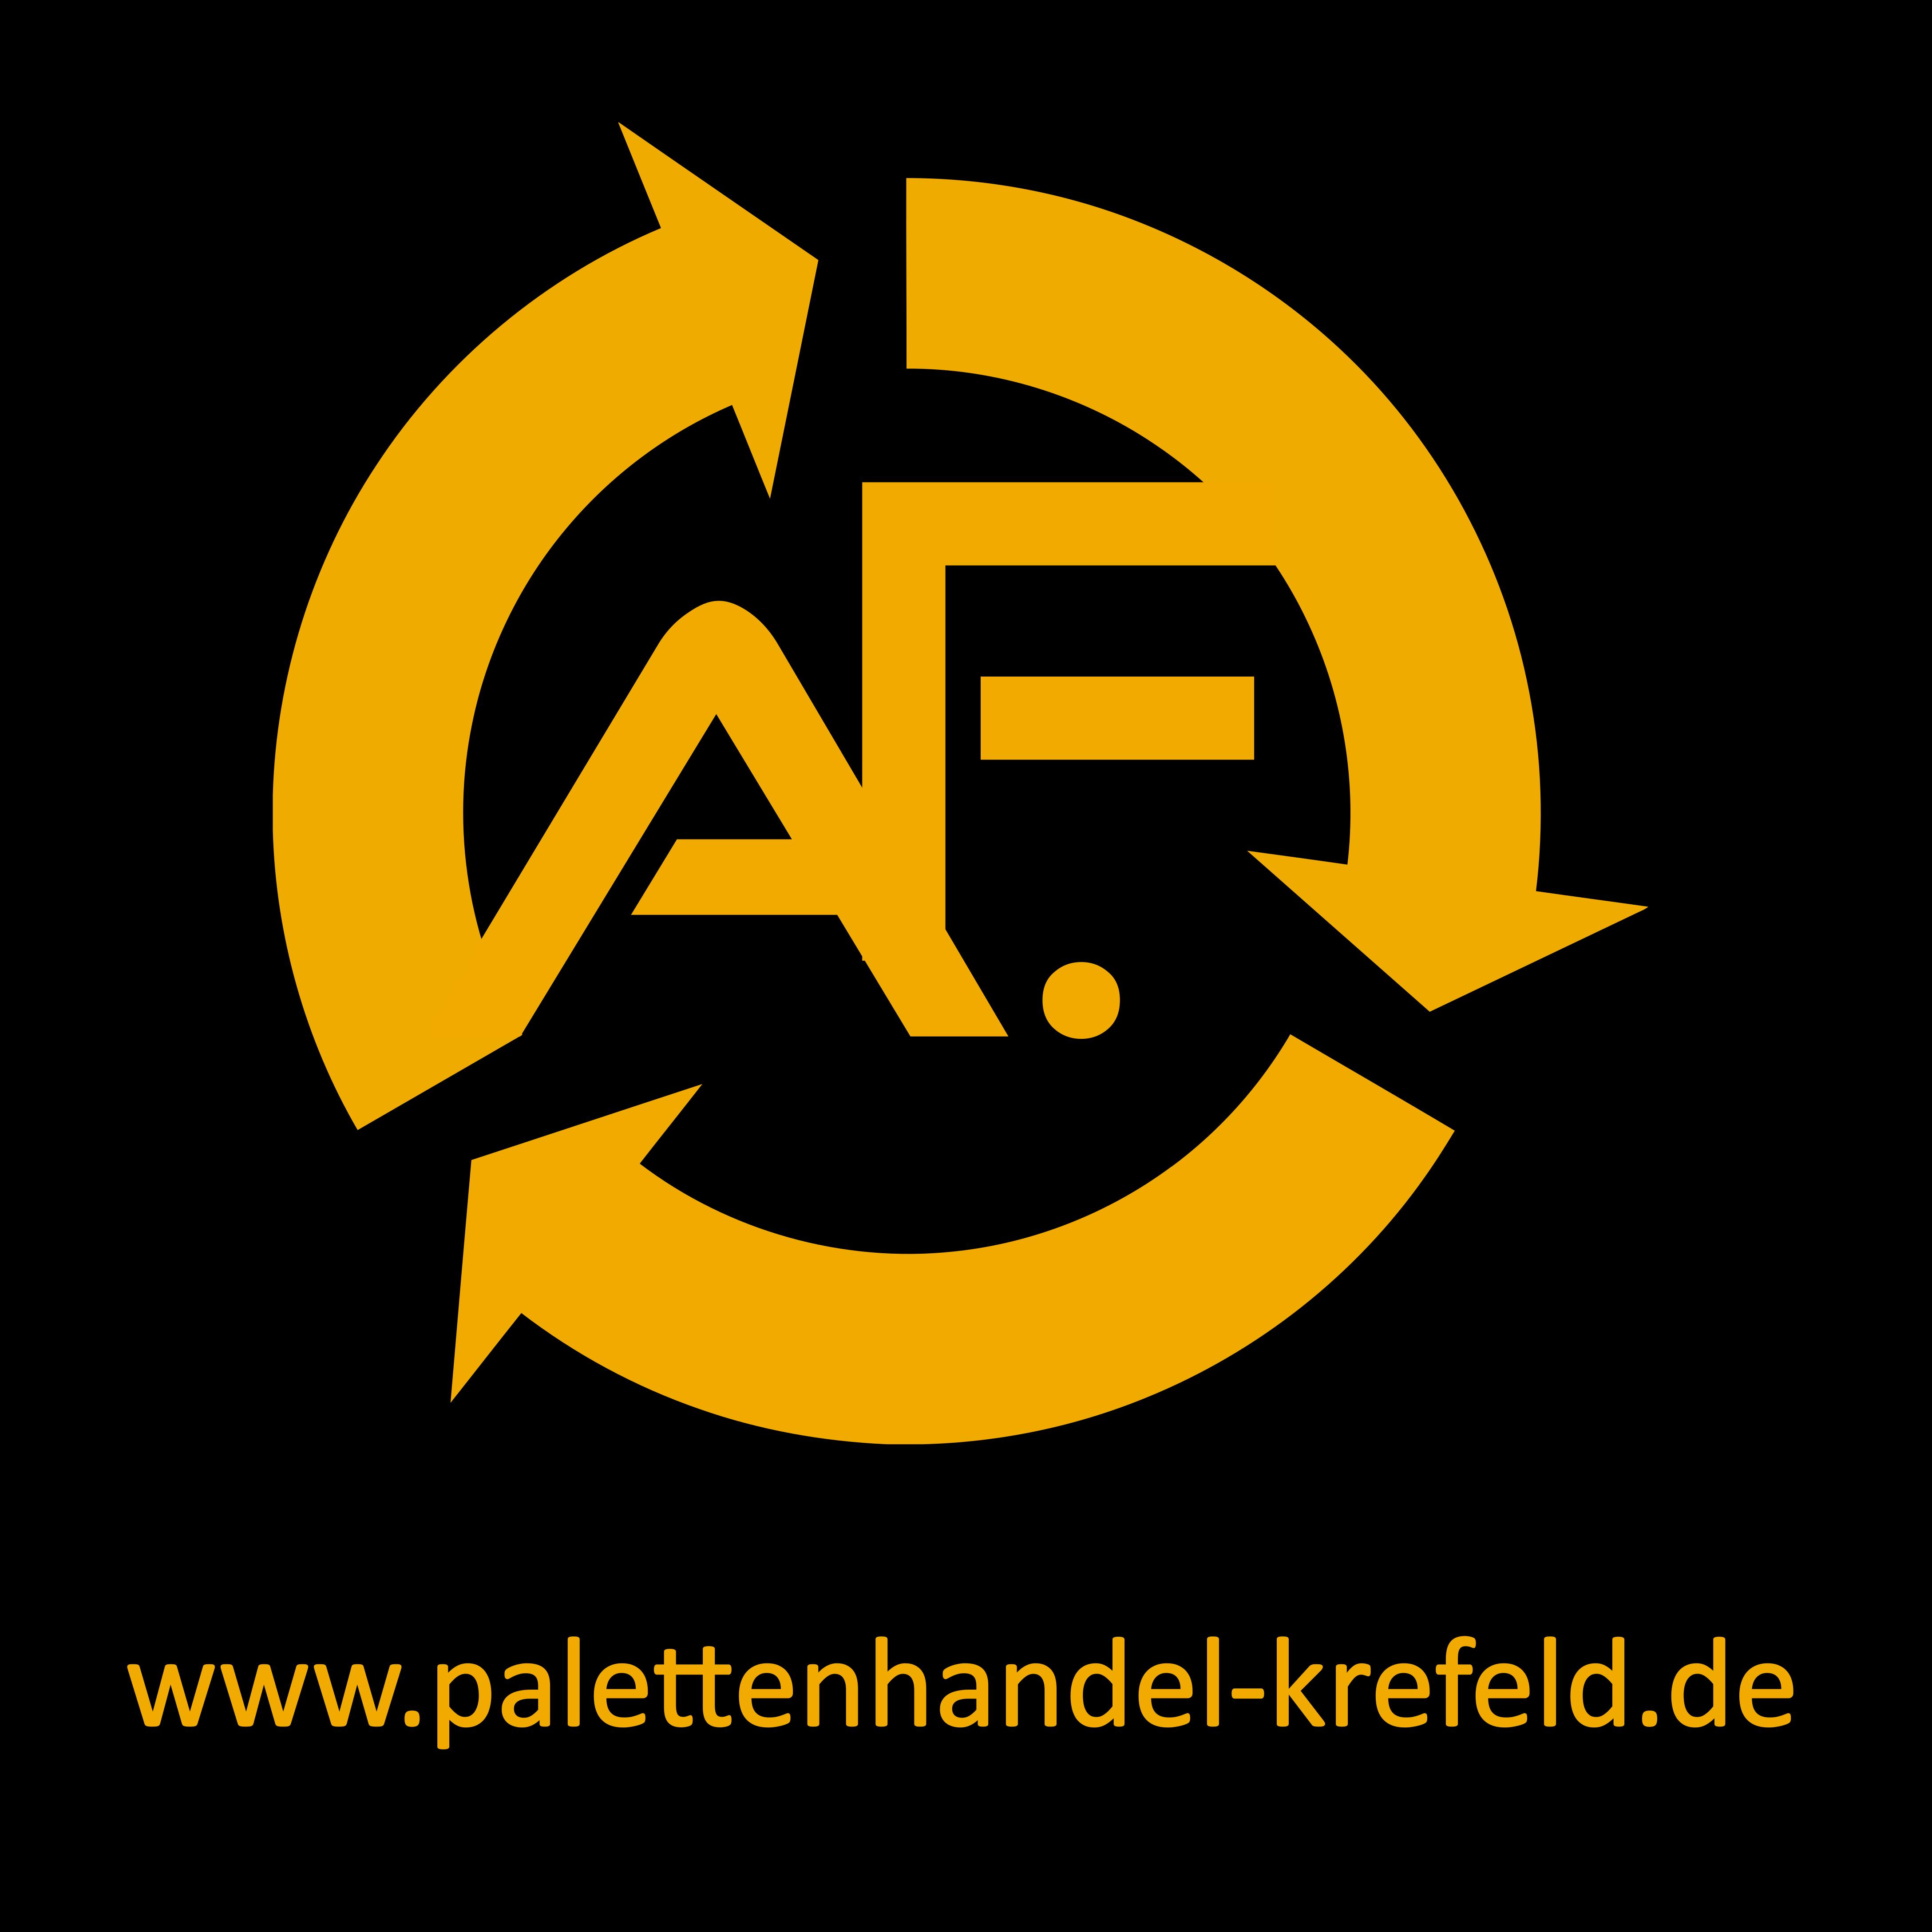 palettenhandel-krefeld.de